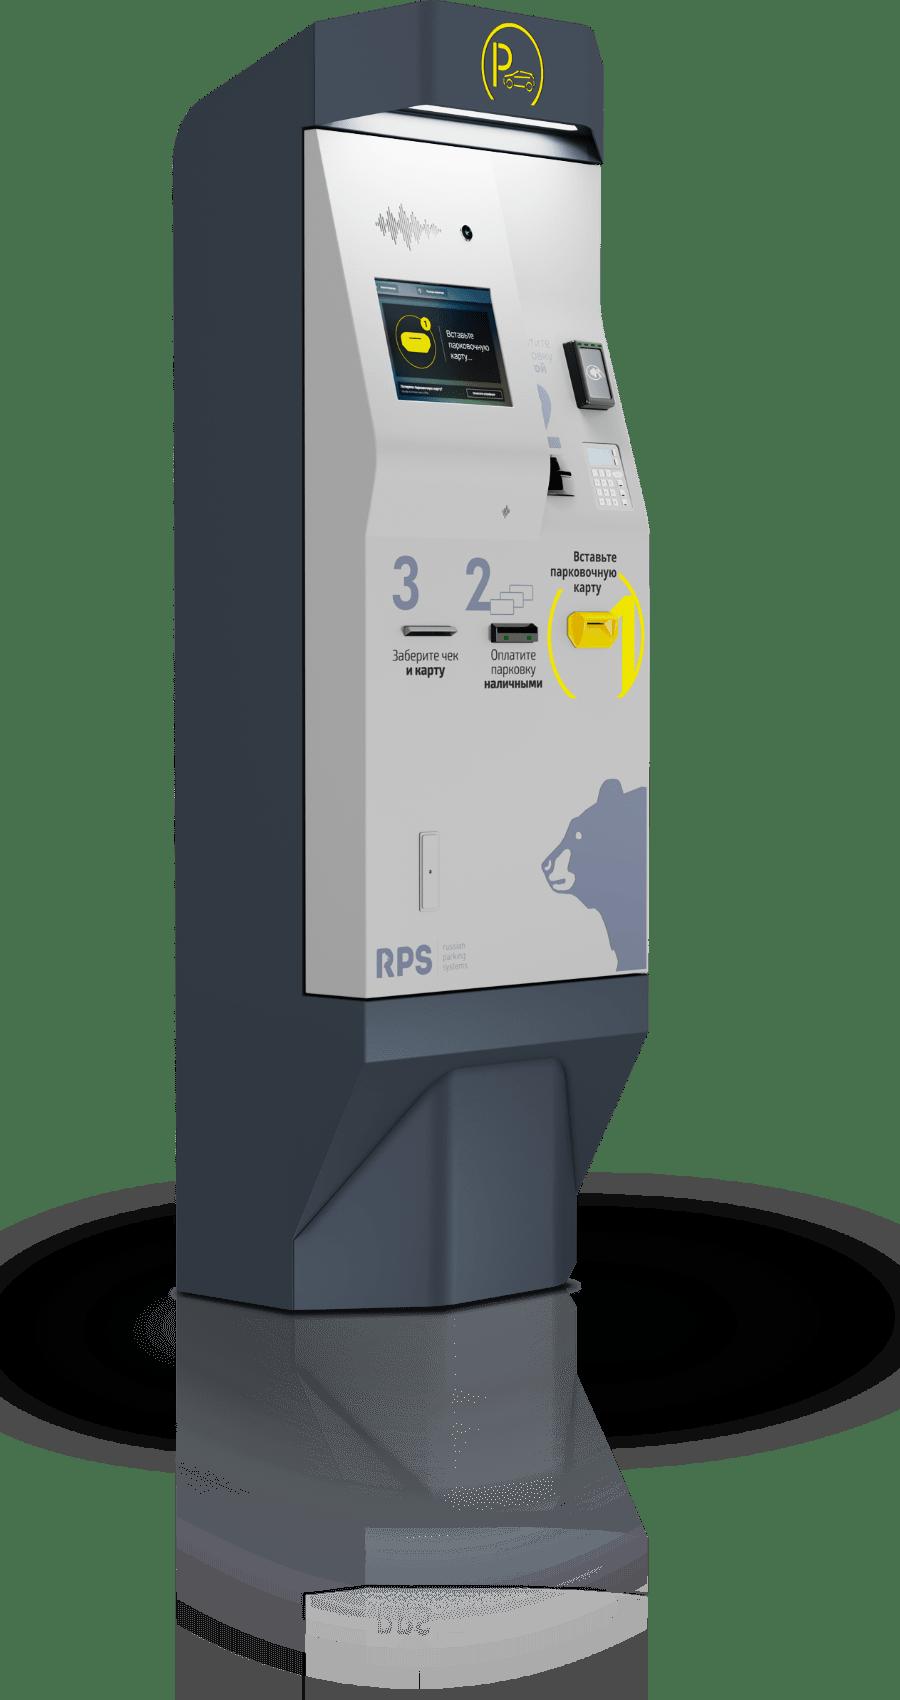 Автоматическая парковочная касса Light